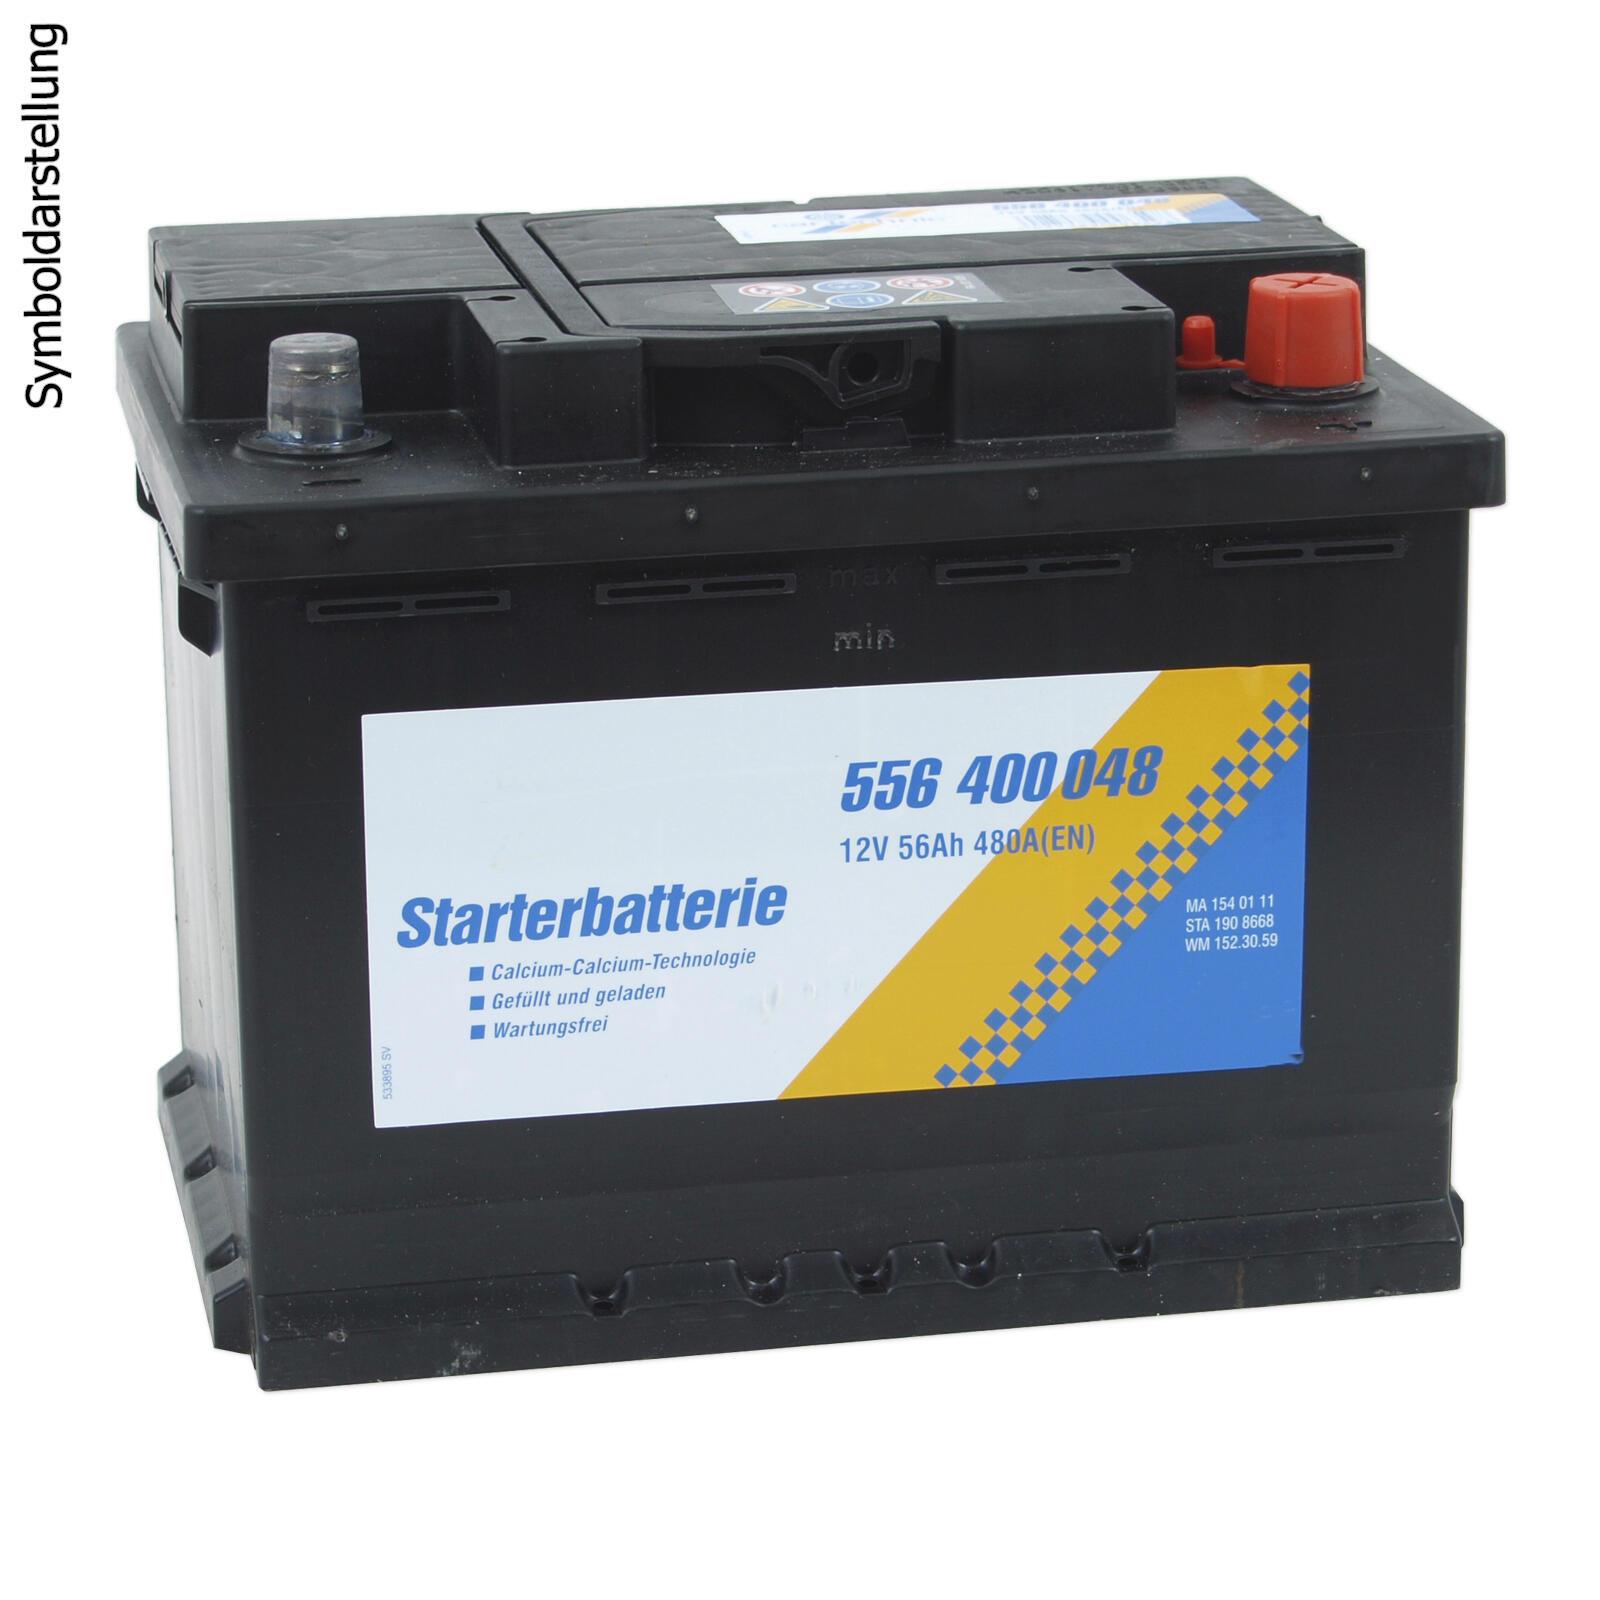 VEMO Starterbatterie